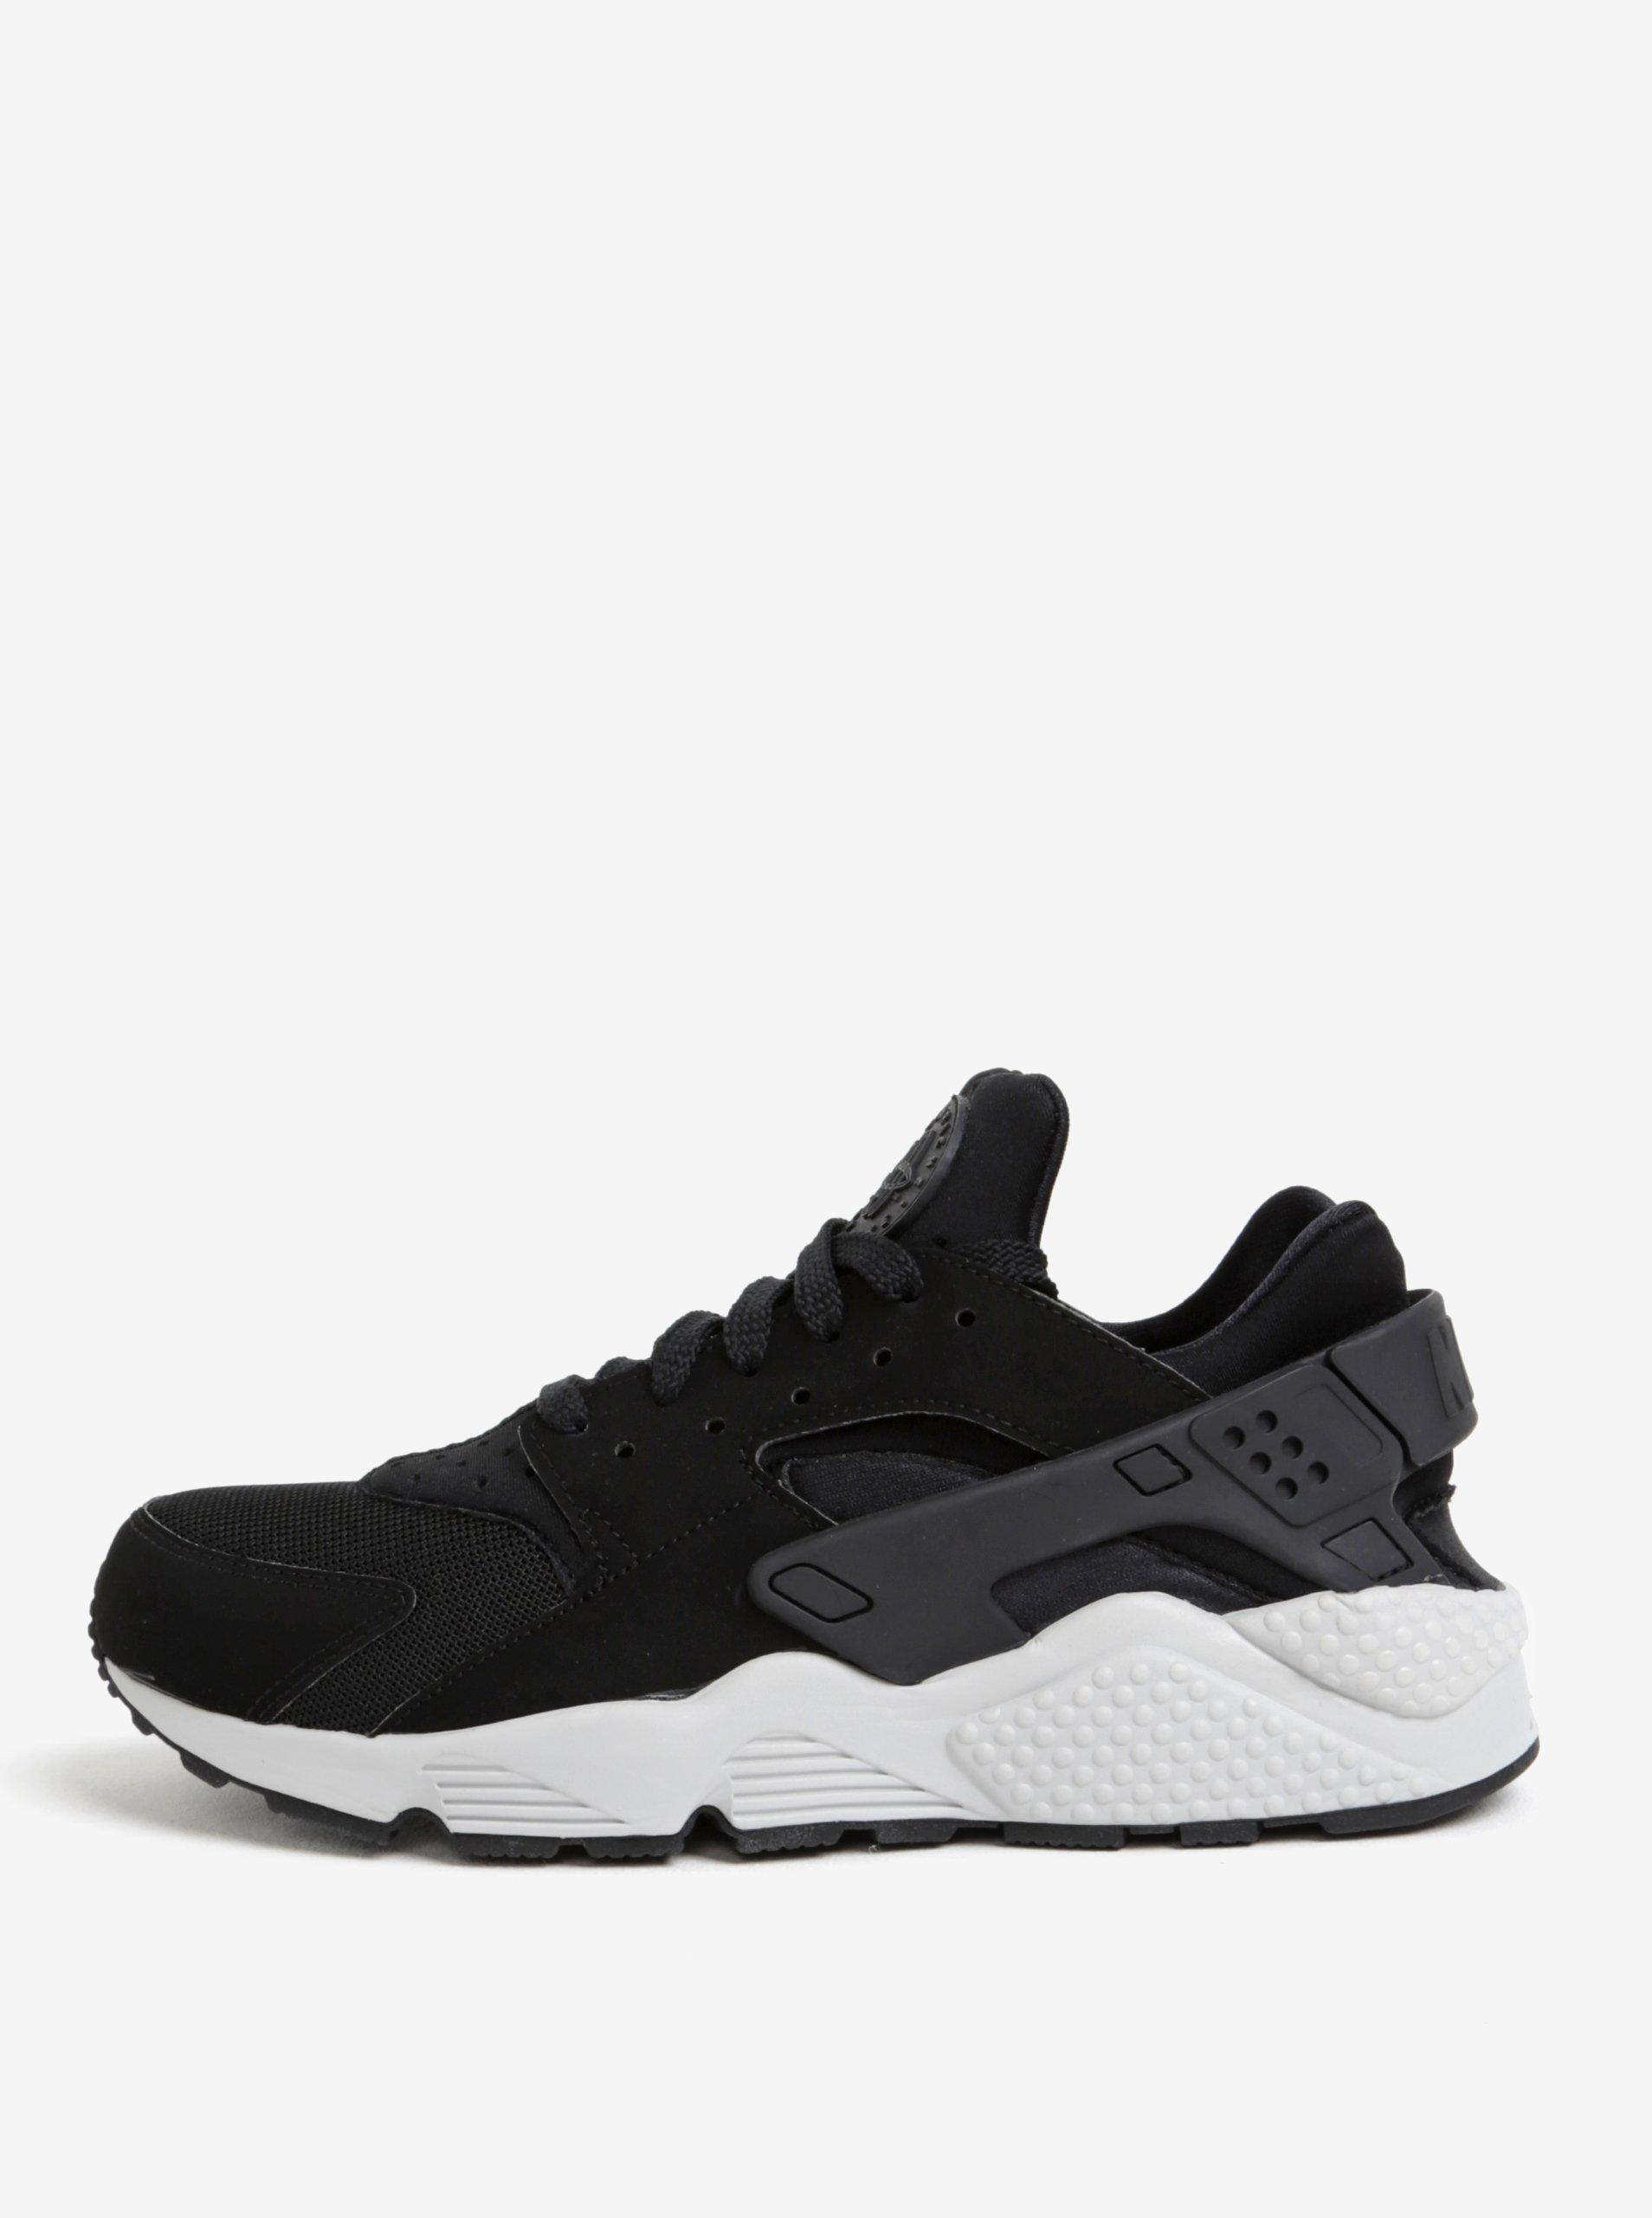 ba743387857ab Čierne pánske tenisky s bielou podrážkou Nike Air Huarache | Moda.sk